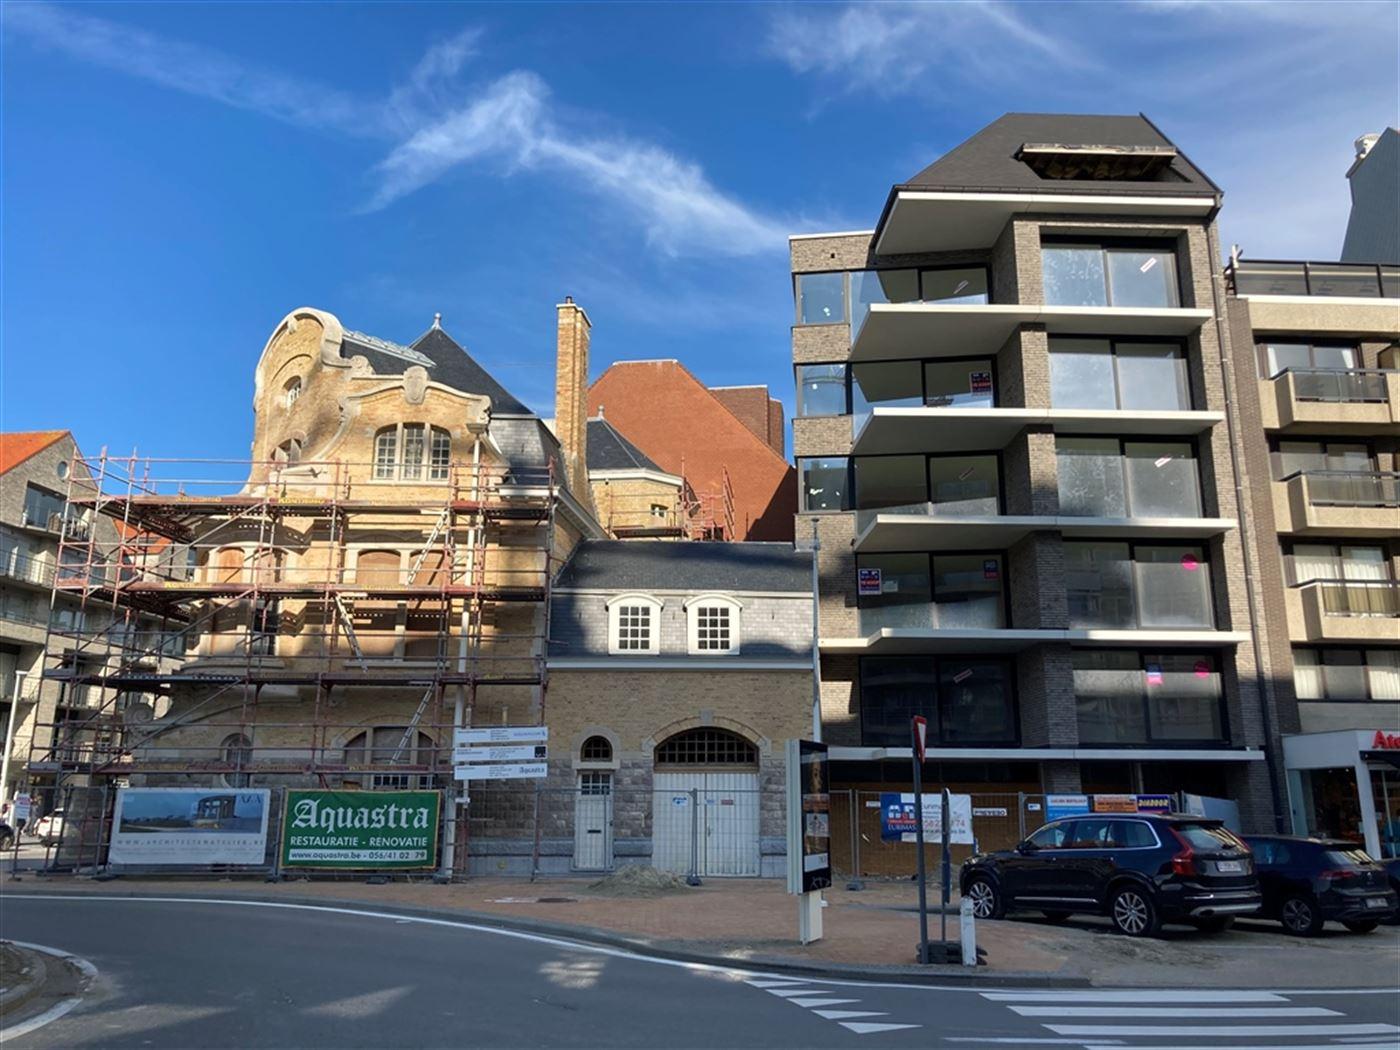 Res. Feniks 0102 - Ruim nieuwbouwappartement met slaapkamer - Uitzonderlijke ligging met zicht op Hendrikaplein en zijdelings zeezicht - Zonnig gelege...